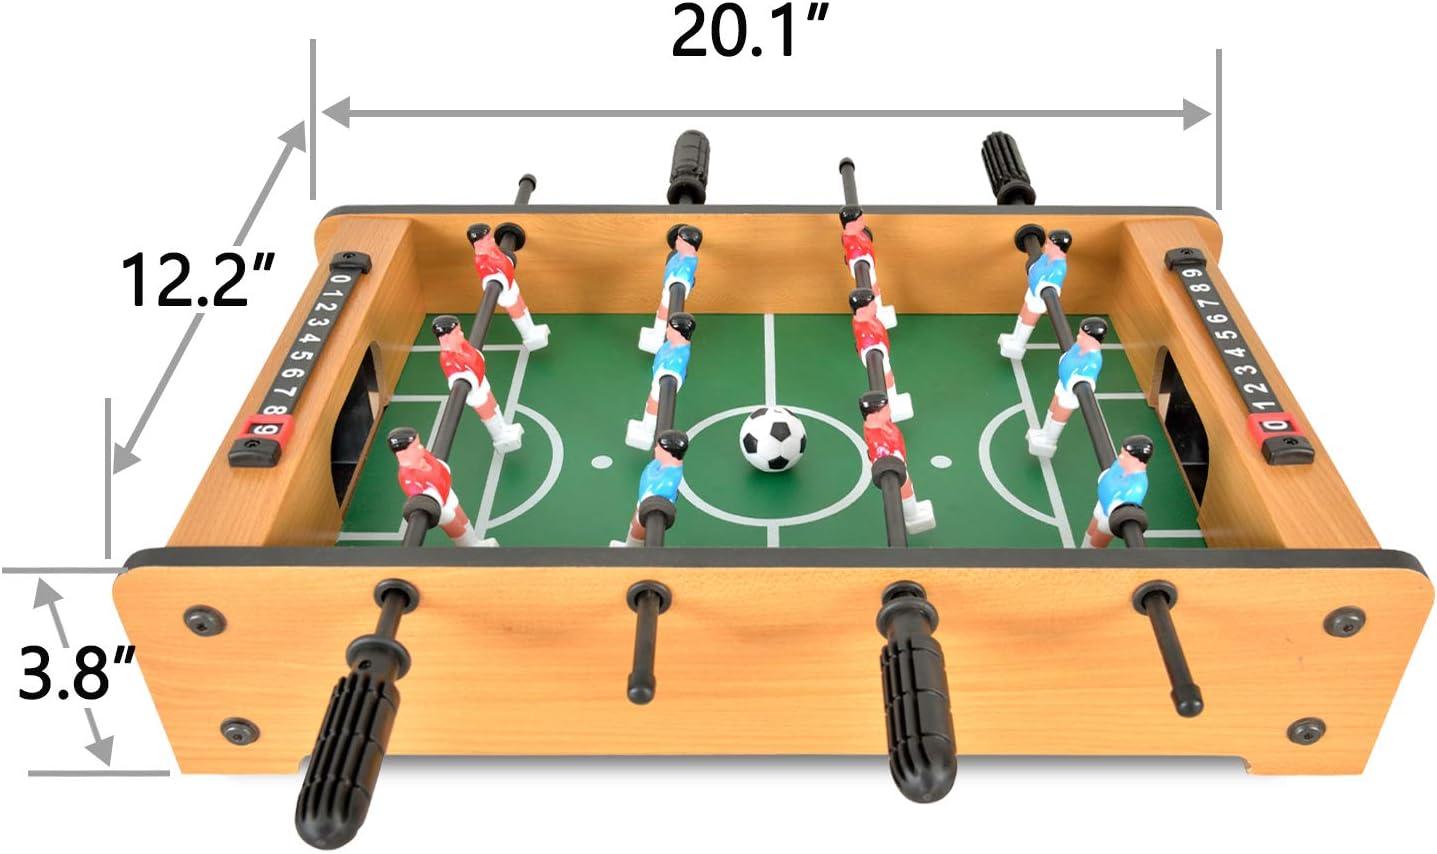 WIN.MAX Mini Mesa de Futbolín, Mesa de Juego de Fútbol/Futbolin Ligera Portátil para Niños, Fácil de Montar y Almacenar, 51 x 31 x 10 cm: Amazon.es: Juguetes y juegos